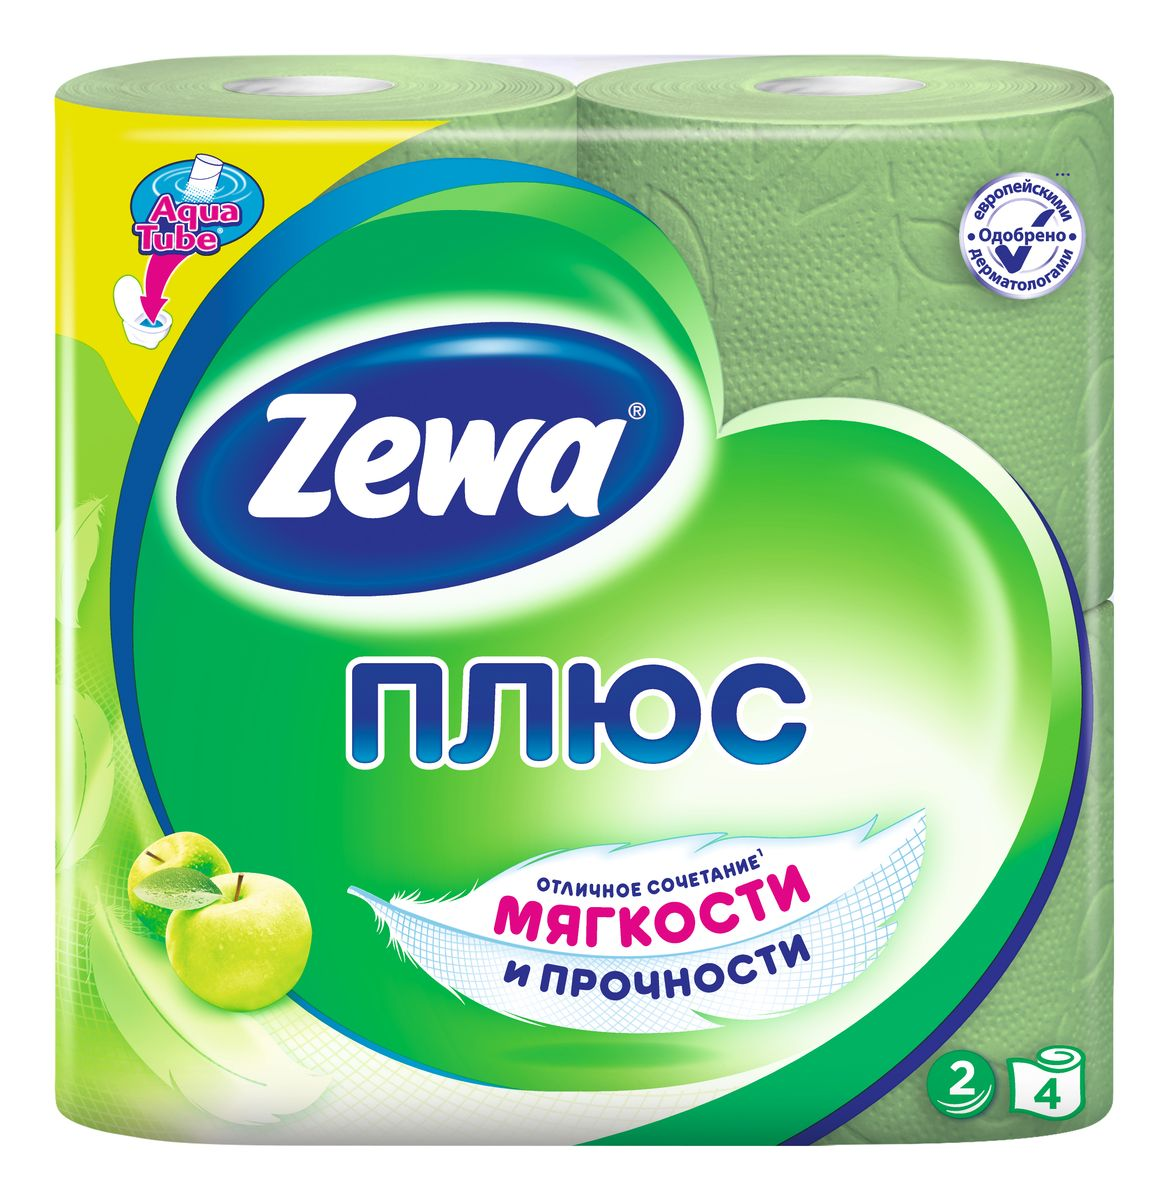 Туалетная бумага Zewa Плюс Яблоко, 2 слоя, 4 рулона010-01199-23Туалетная бумага Zewa Плюс - это отличное сочетание мягкости и прочности. Она одобренадерматологами и прекрасно подойдет всем членам вашей семьи – и тем, кому нужна мягкая бумага, и тем, кому важна прочность.Позаботьтесьо себе и своих близких вместе с Zewa.Сенсация! Со смываемой втулкой Aqua Tube!Зеленая 2-х слойная туалетная бумага с ароматом яблока4 рулона в упаковкеСостав: вторичное сырьеПроизводство: Россия